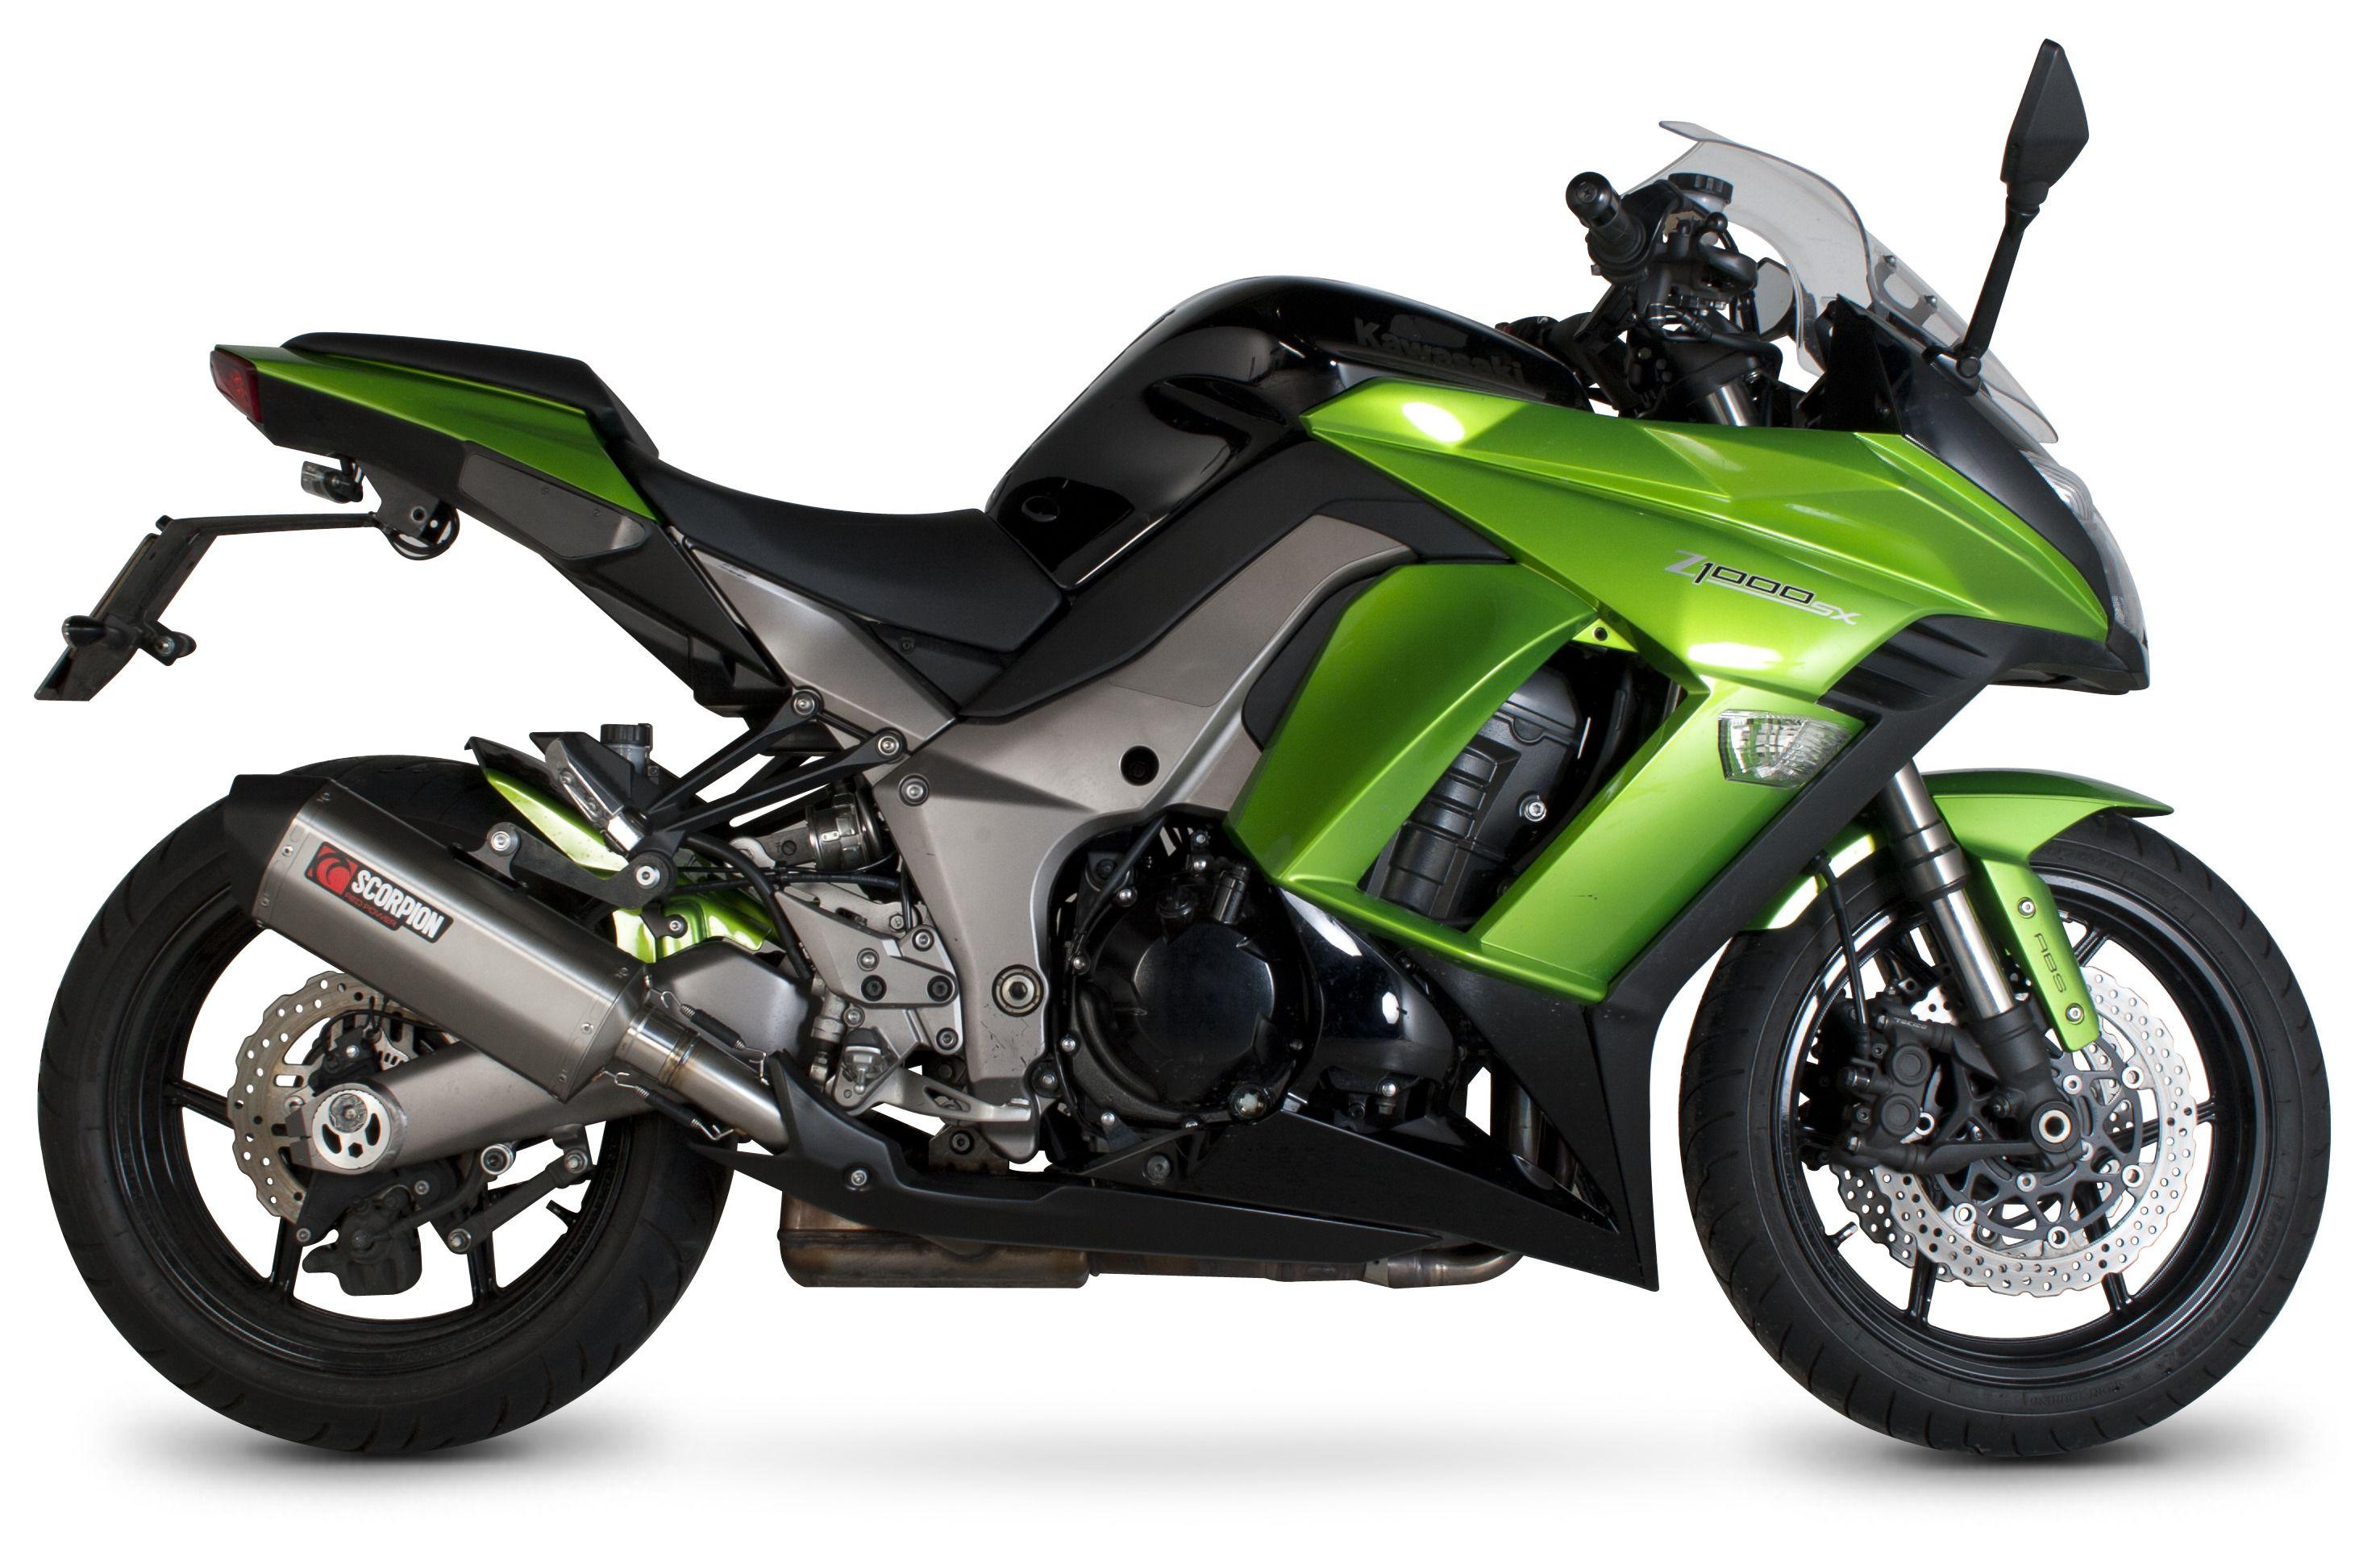 Scorpion Serket Parallel Slip-On Exhaust Kawasaki Ninja 1000 / Z1000